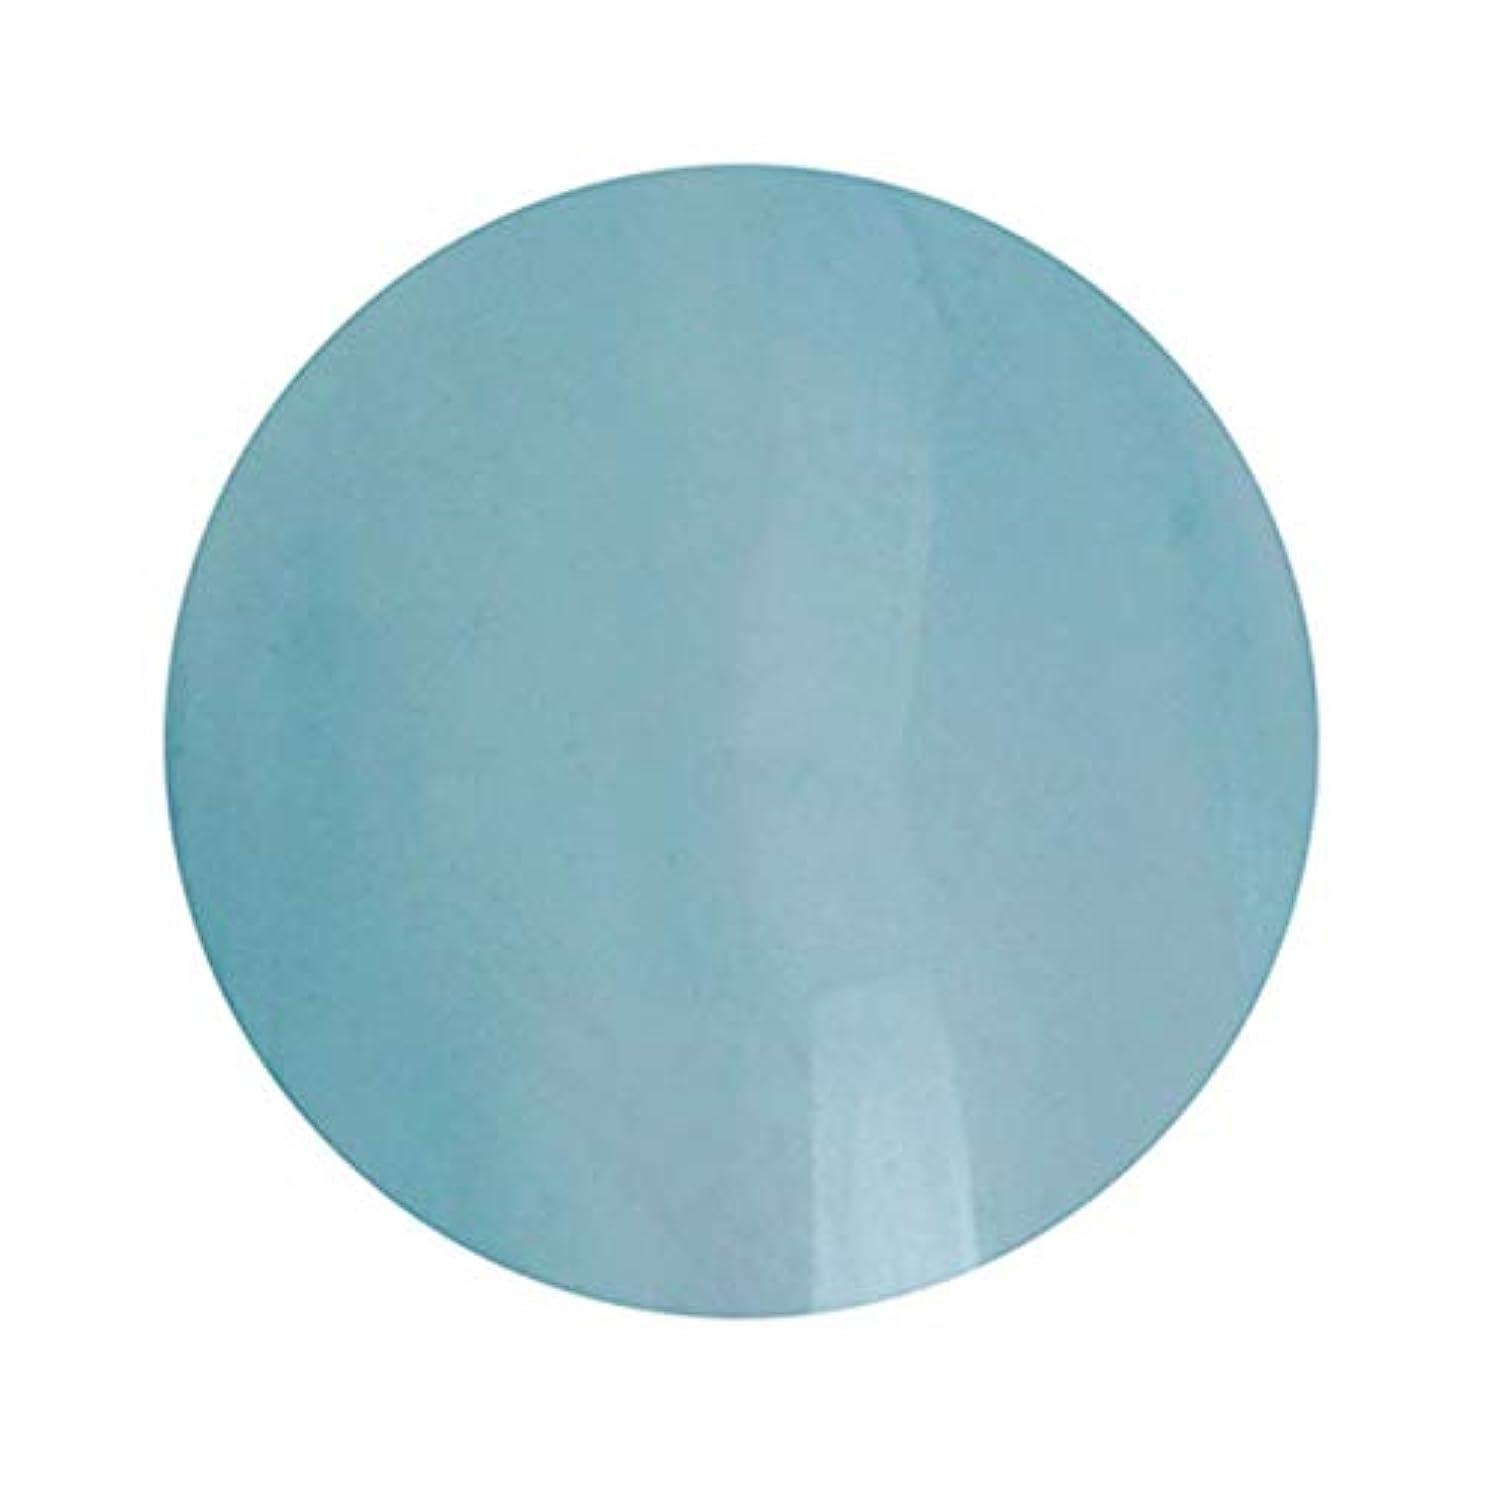 見えないに勝る丈夫T-GEL COLLECTION ティージェルコレクション カラージェル D236 クリアブルーグリーン 4ml